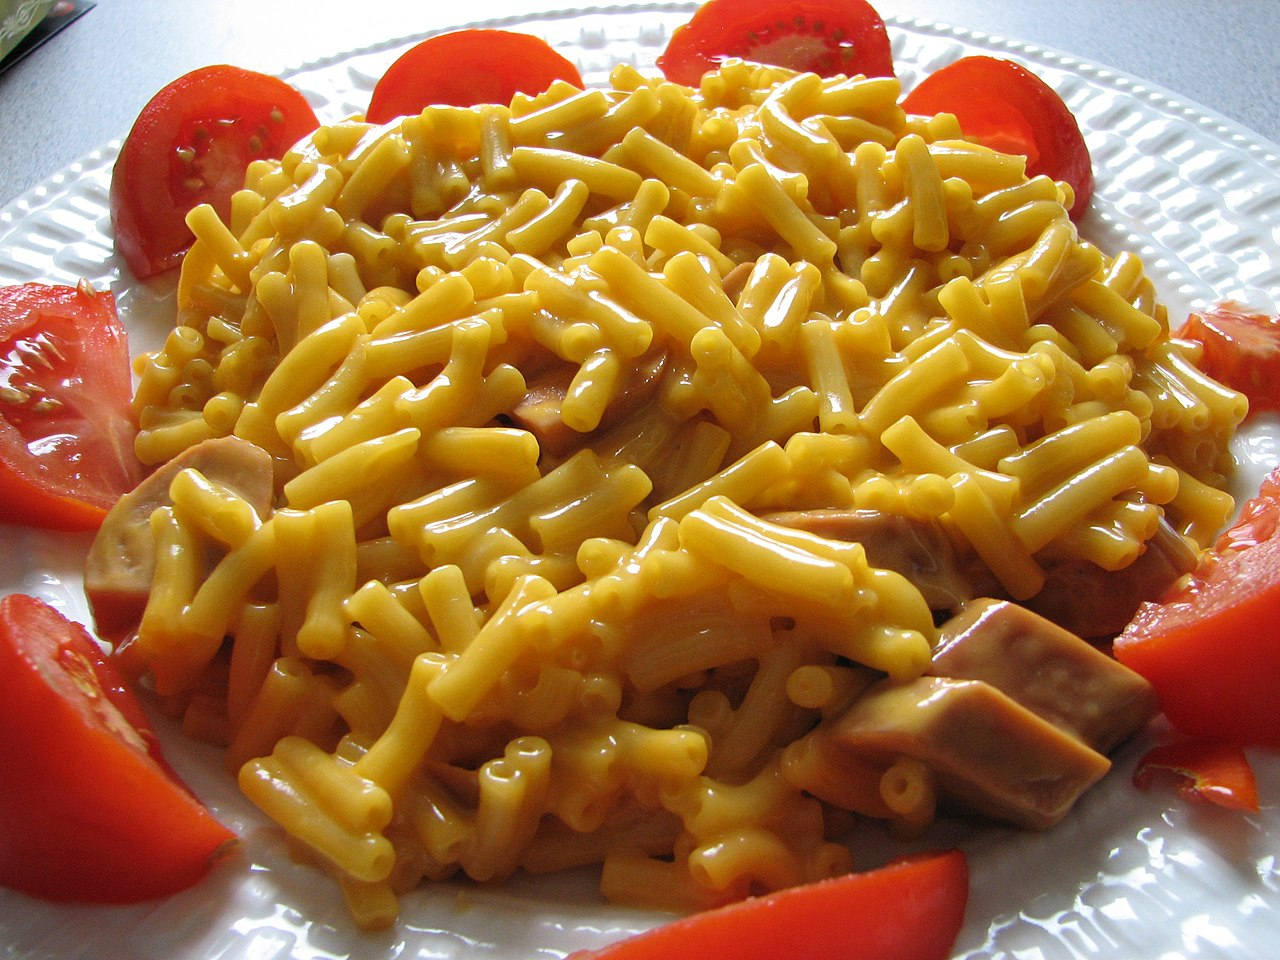 Flickr qmnonic 123431456--Kraft Dinner and veggie dogs. jpg